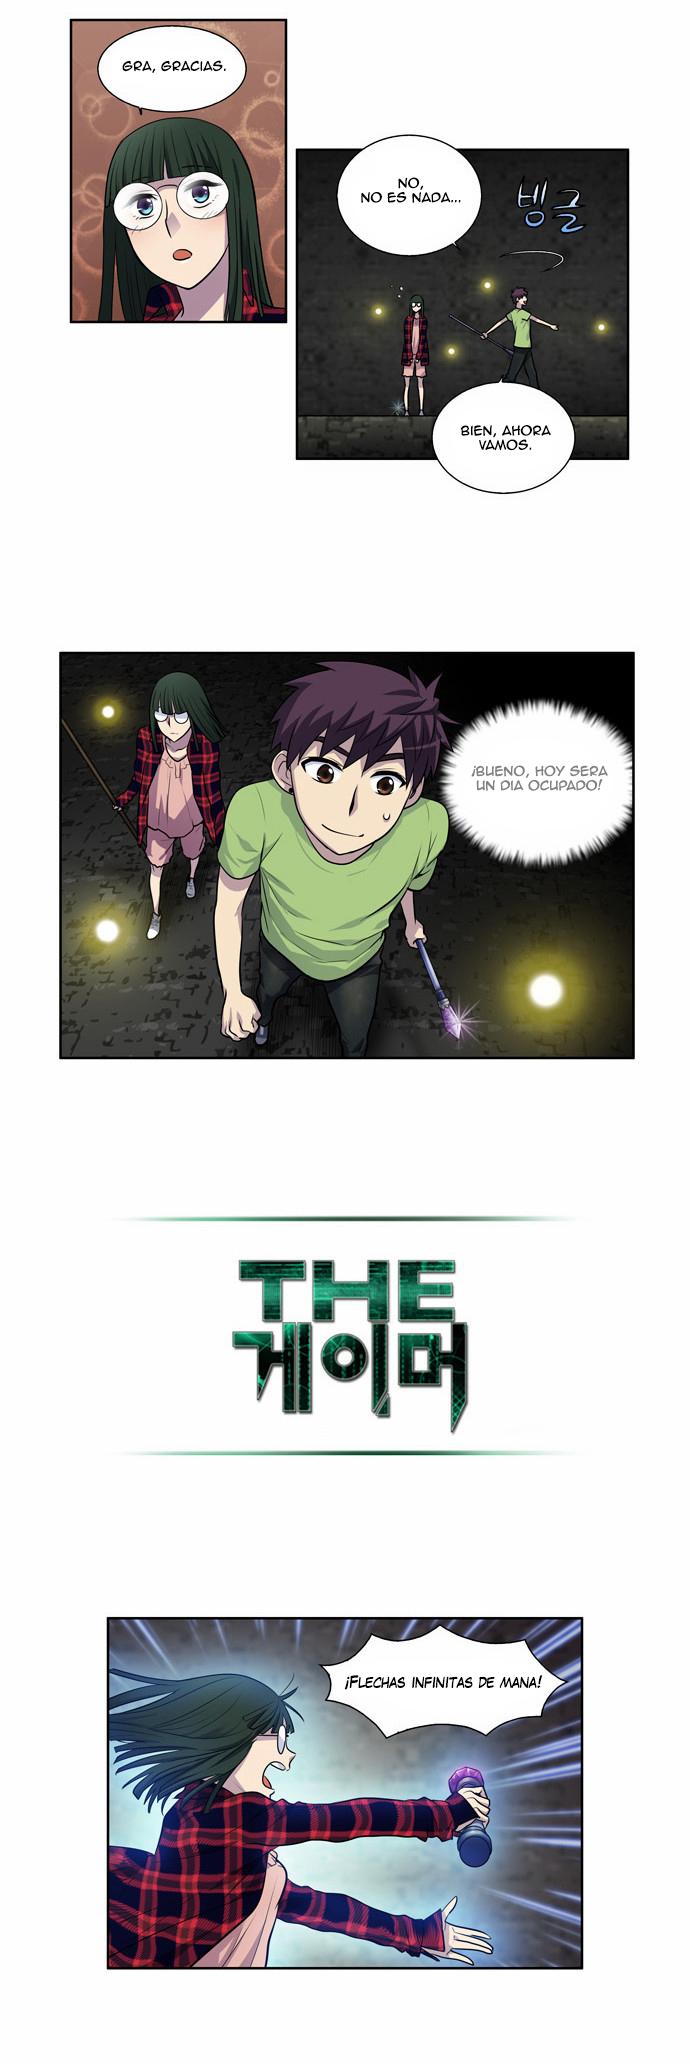 https://c5.ninemanga.com/es_manga/61/1725/423523/1ec817530575ae614512f40384ce2988.jpg Page 8